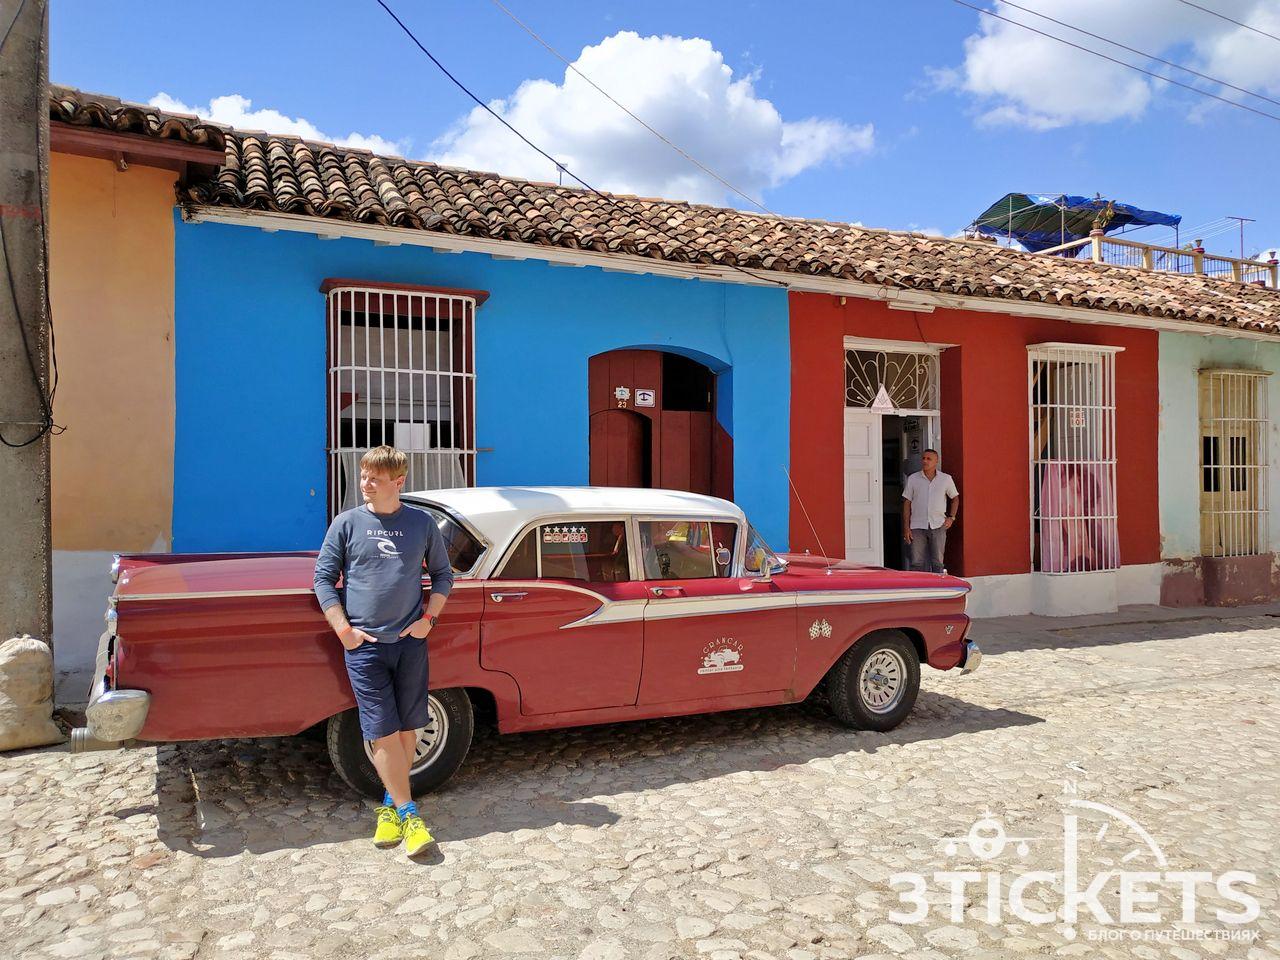 Ретро-автомобили на Кубе: отзывы туристов 2020